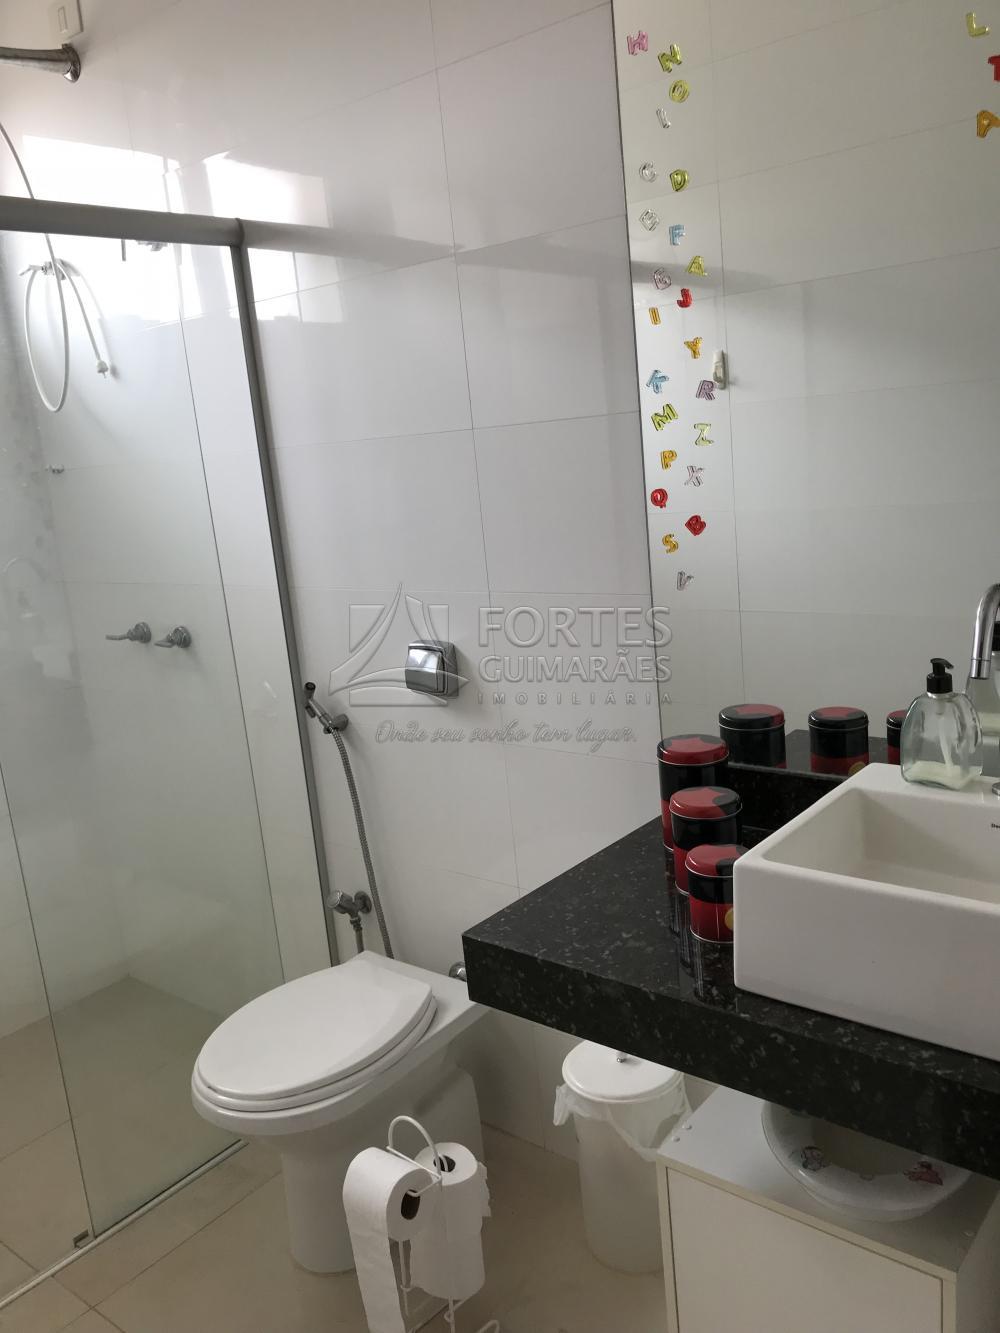 Alugar Casas / Condomínio em Ribeirão Preto apenas R$ 7.000,00 - Foto 27